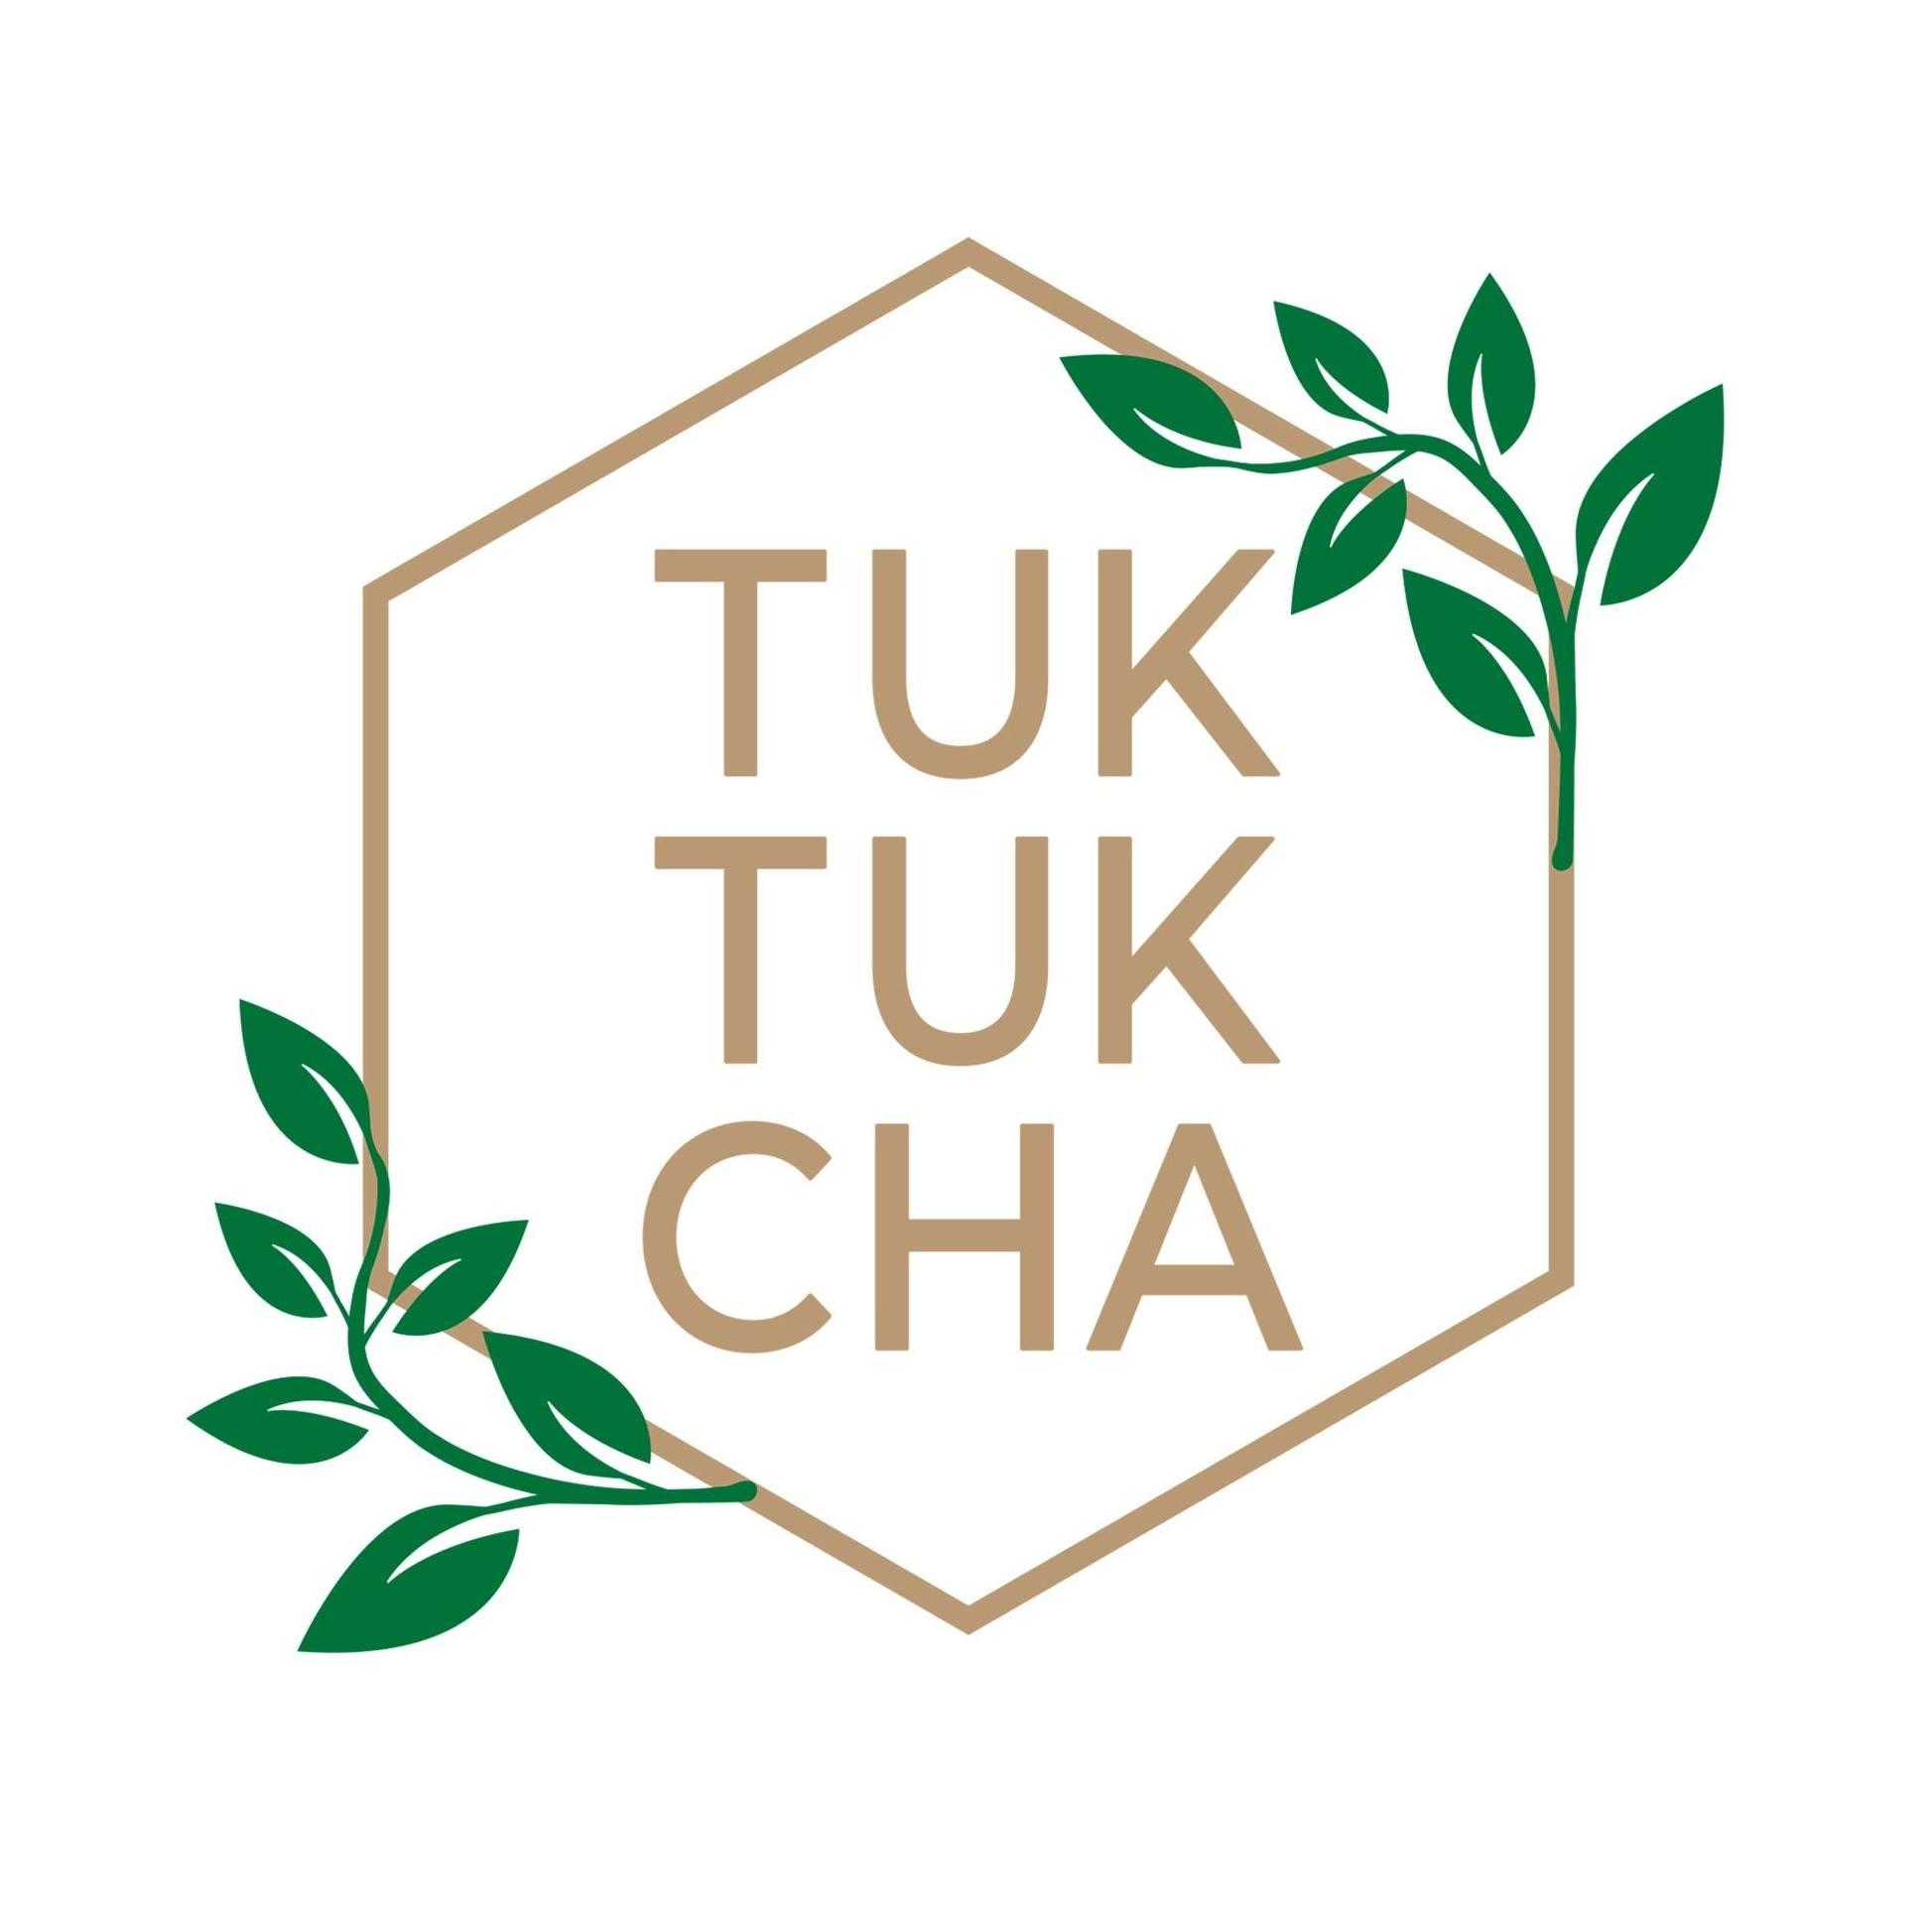 tuk tuk cha logo